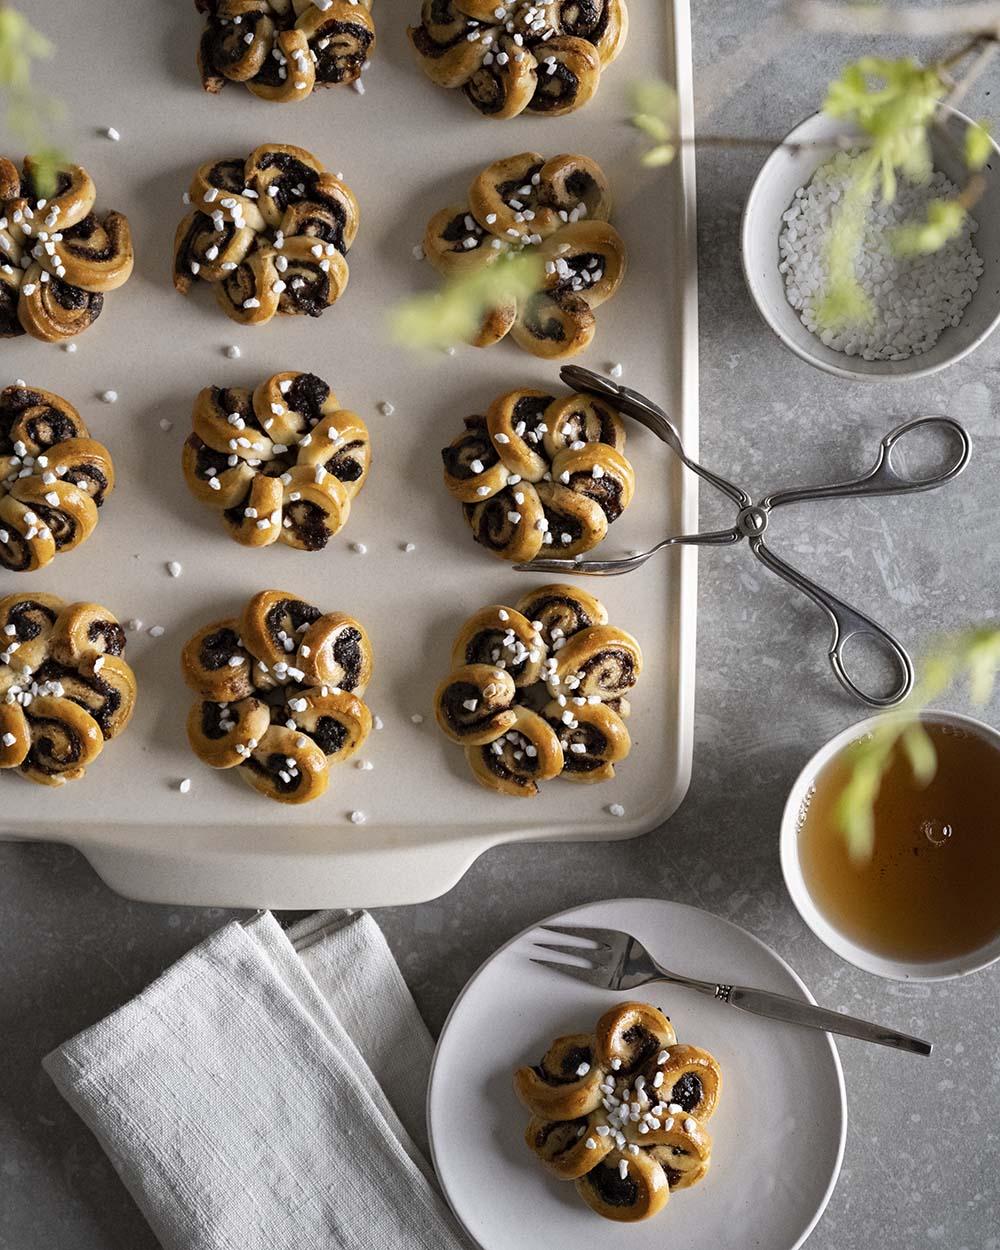 Die Aufnahme zeigt die Kaffeetafel mit fertig gebackenen Zimtschnecken von oben. Für uns sind sie das perfekte Hefegbäck zu Ostern.